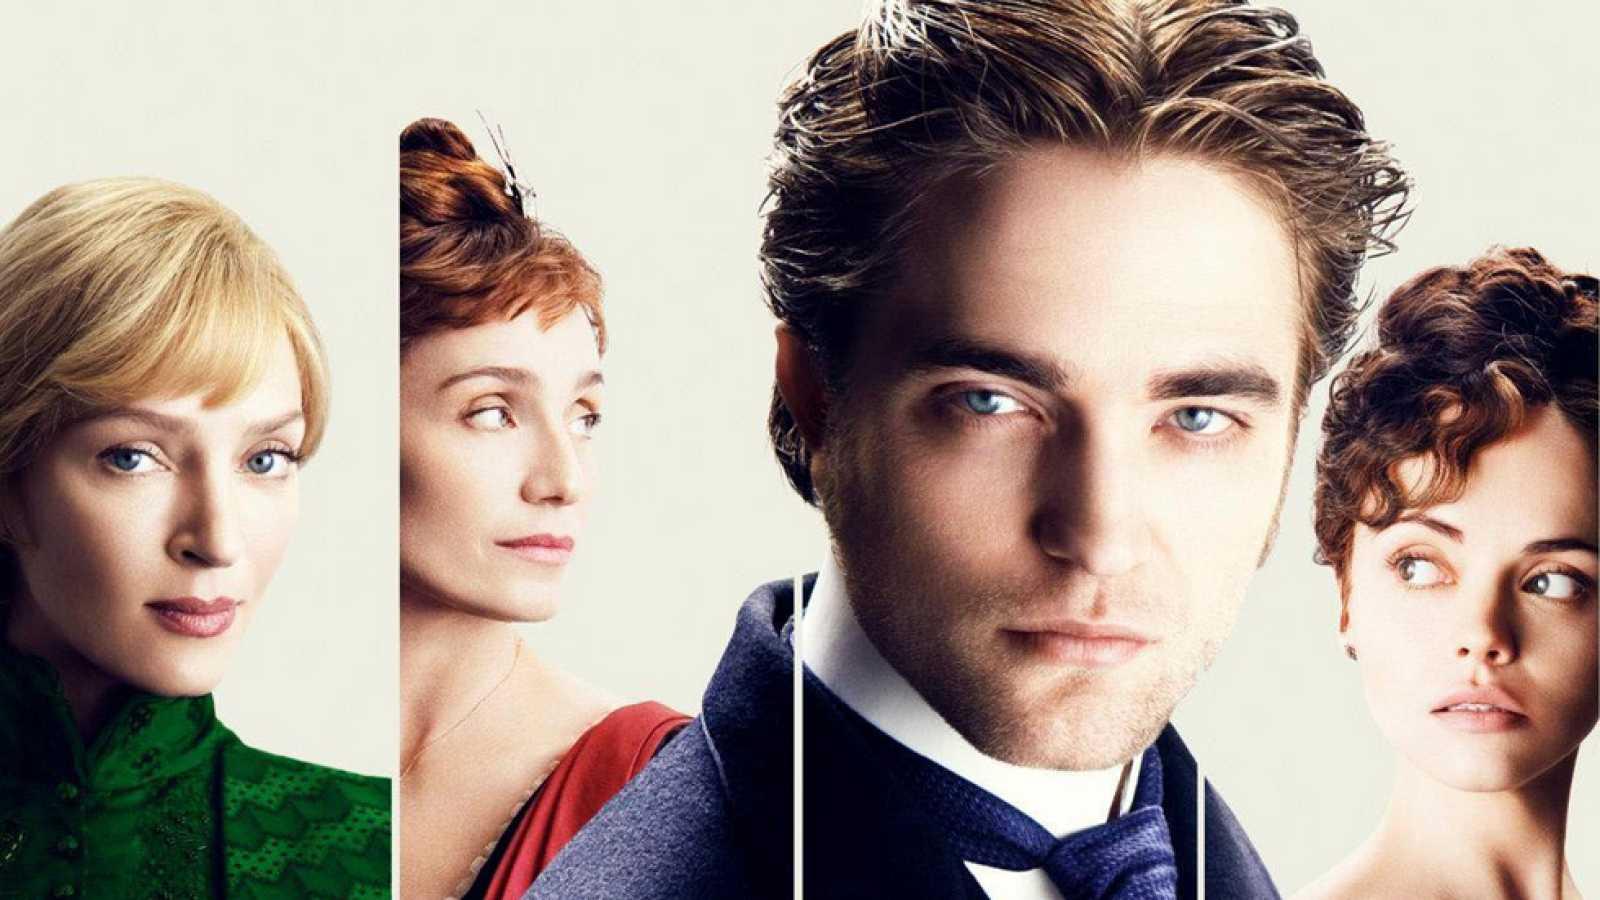 Robert Pattinson protagoniza 'Bel Ami: Historia de un seductor', esta noche en 'Versión Europea'